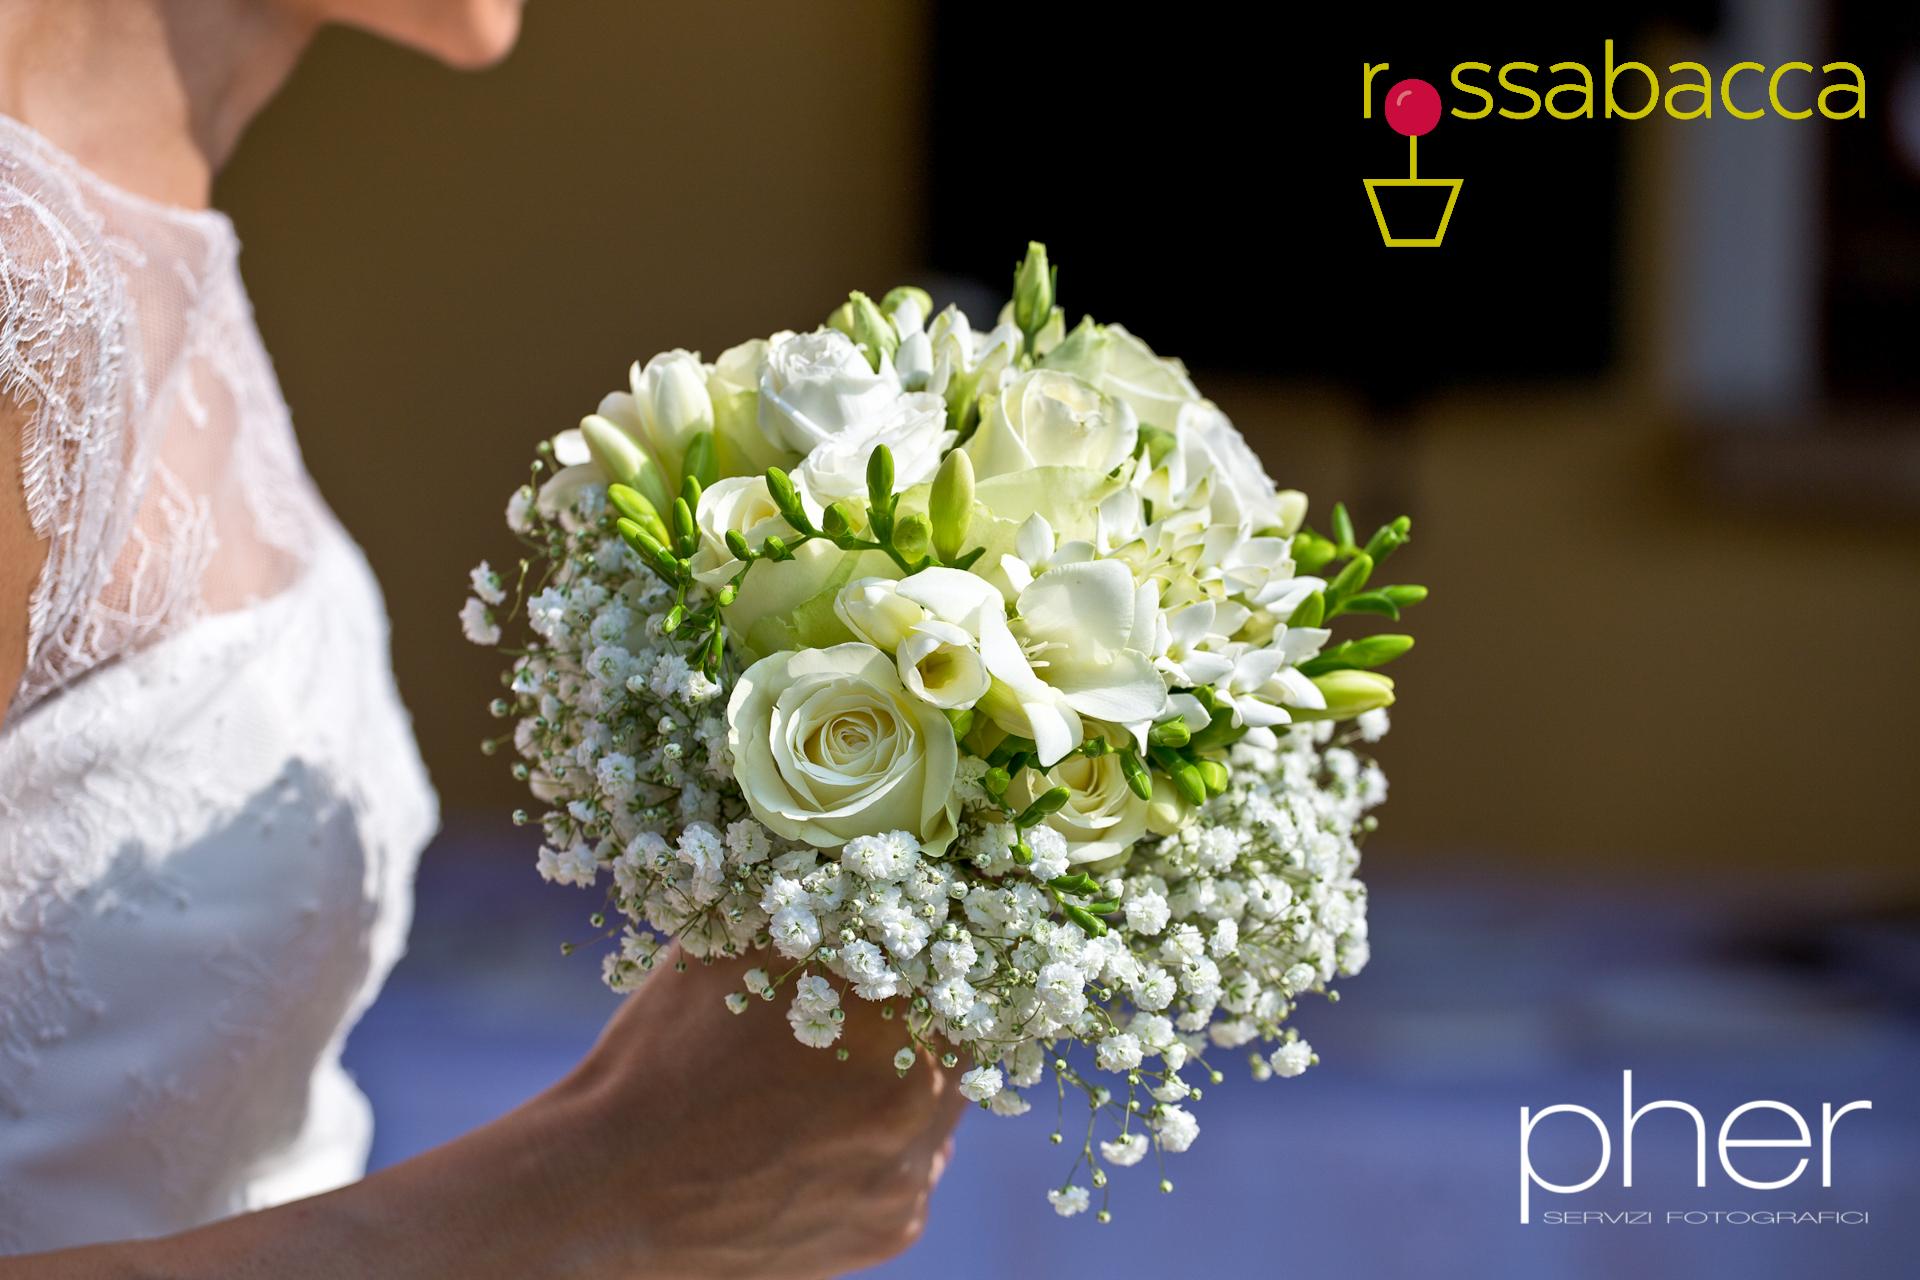 Matrimonio In Bianco : Un matrimonio elegante & raffinato in bianco & verde u2013 rossabacca